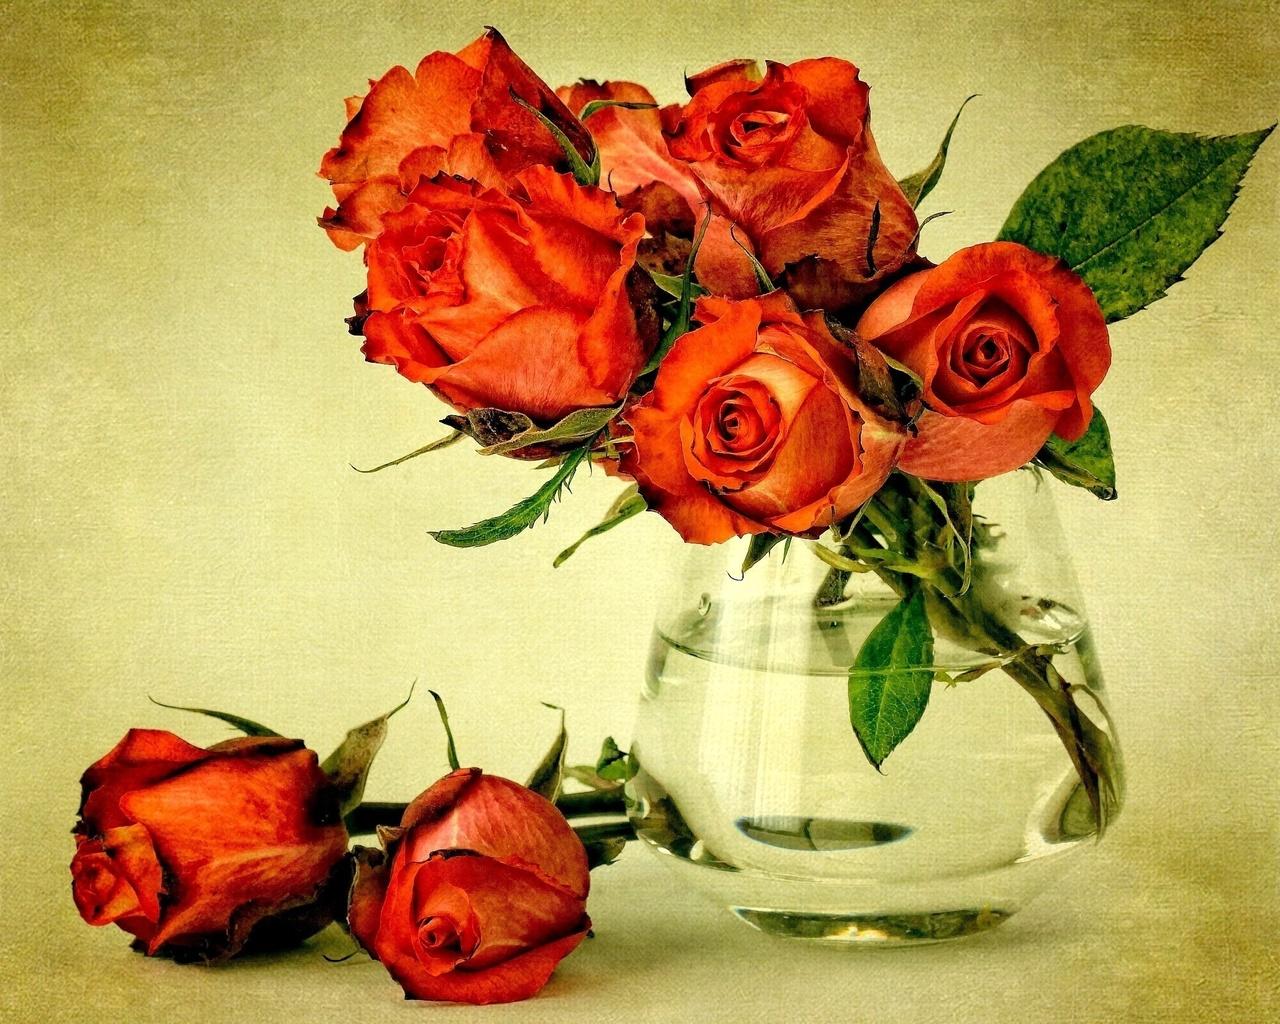 Ваза красные розы вода листья цветы